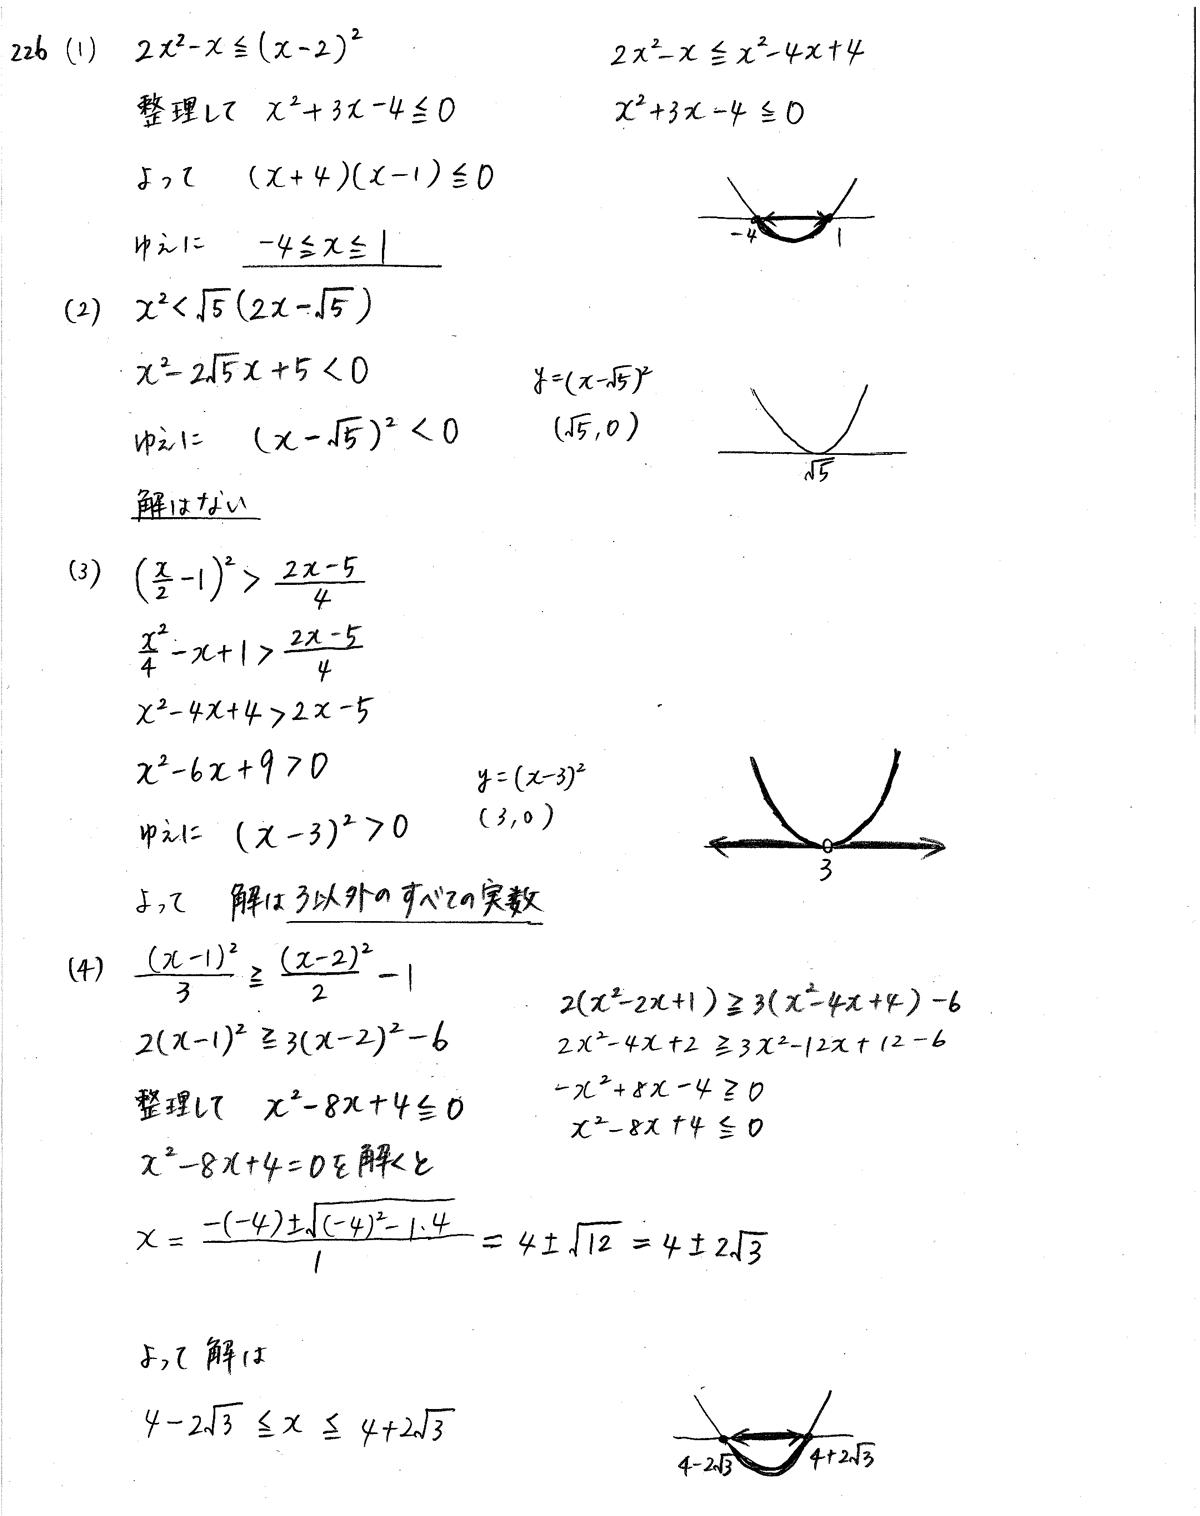 クリアー数学1-226解答